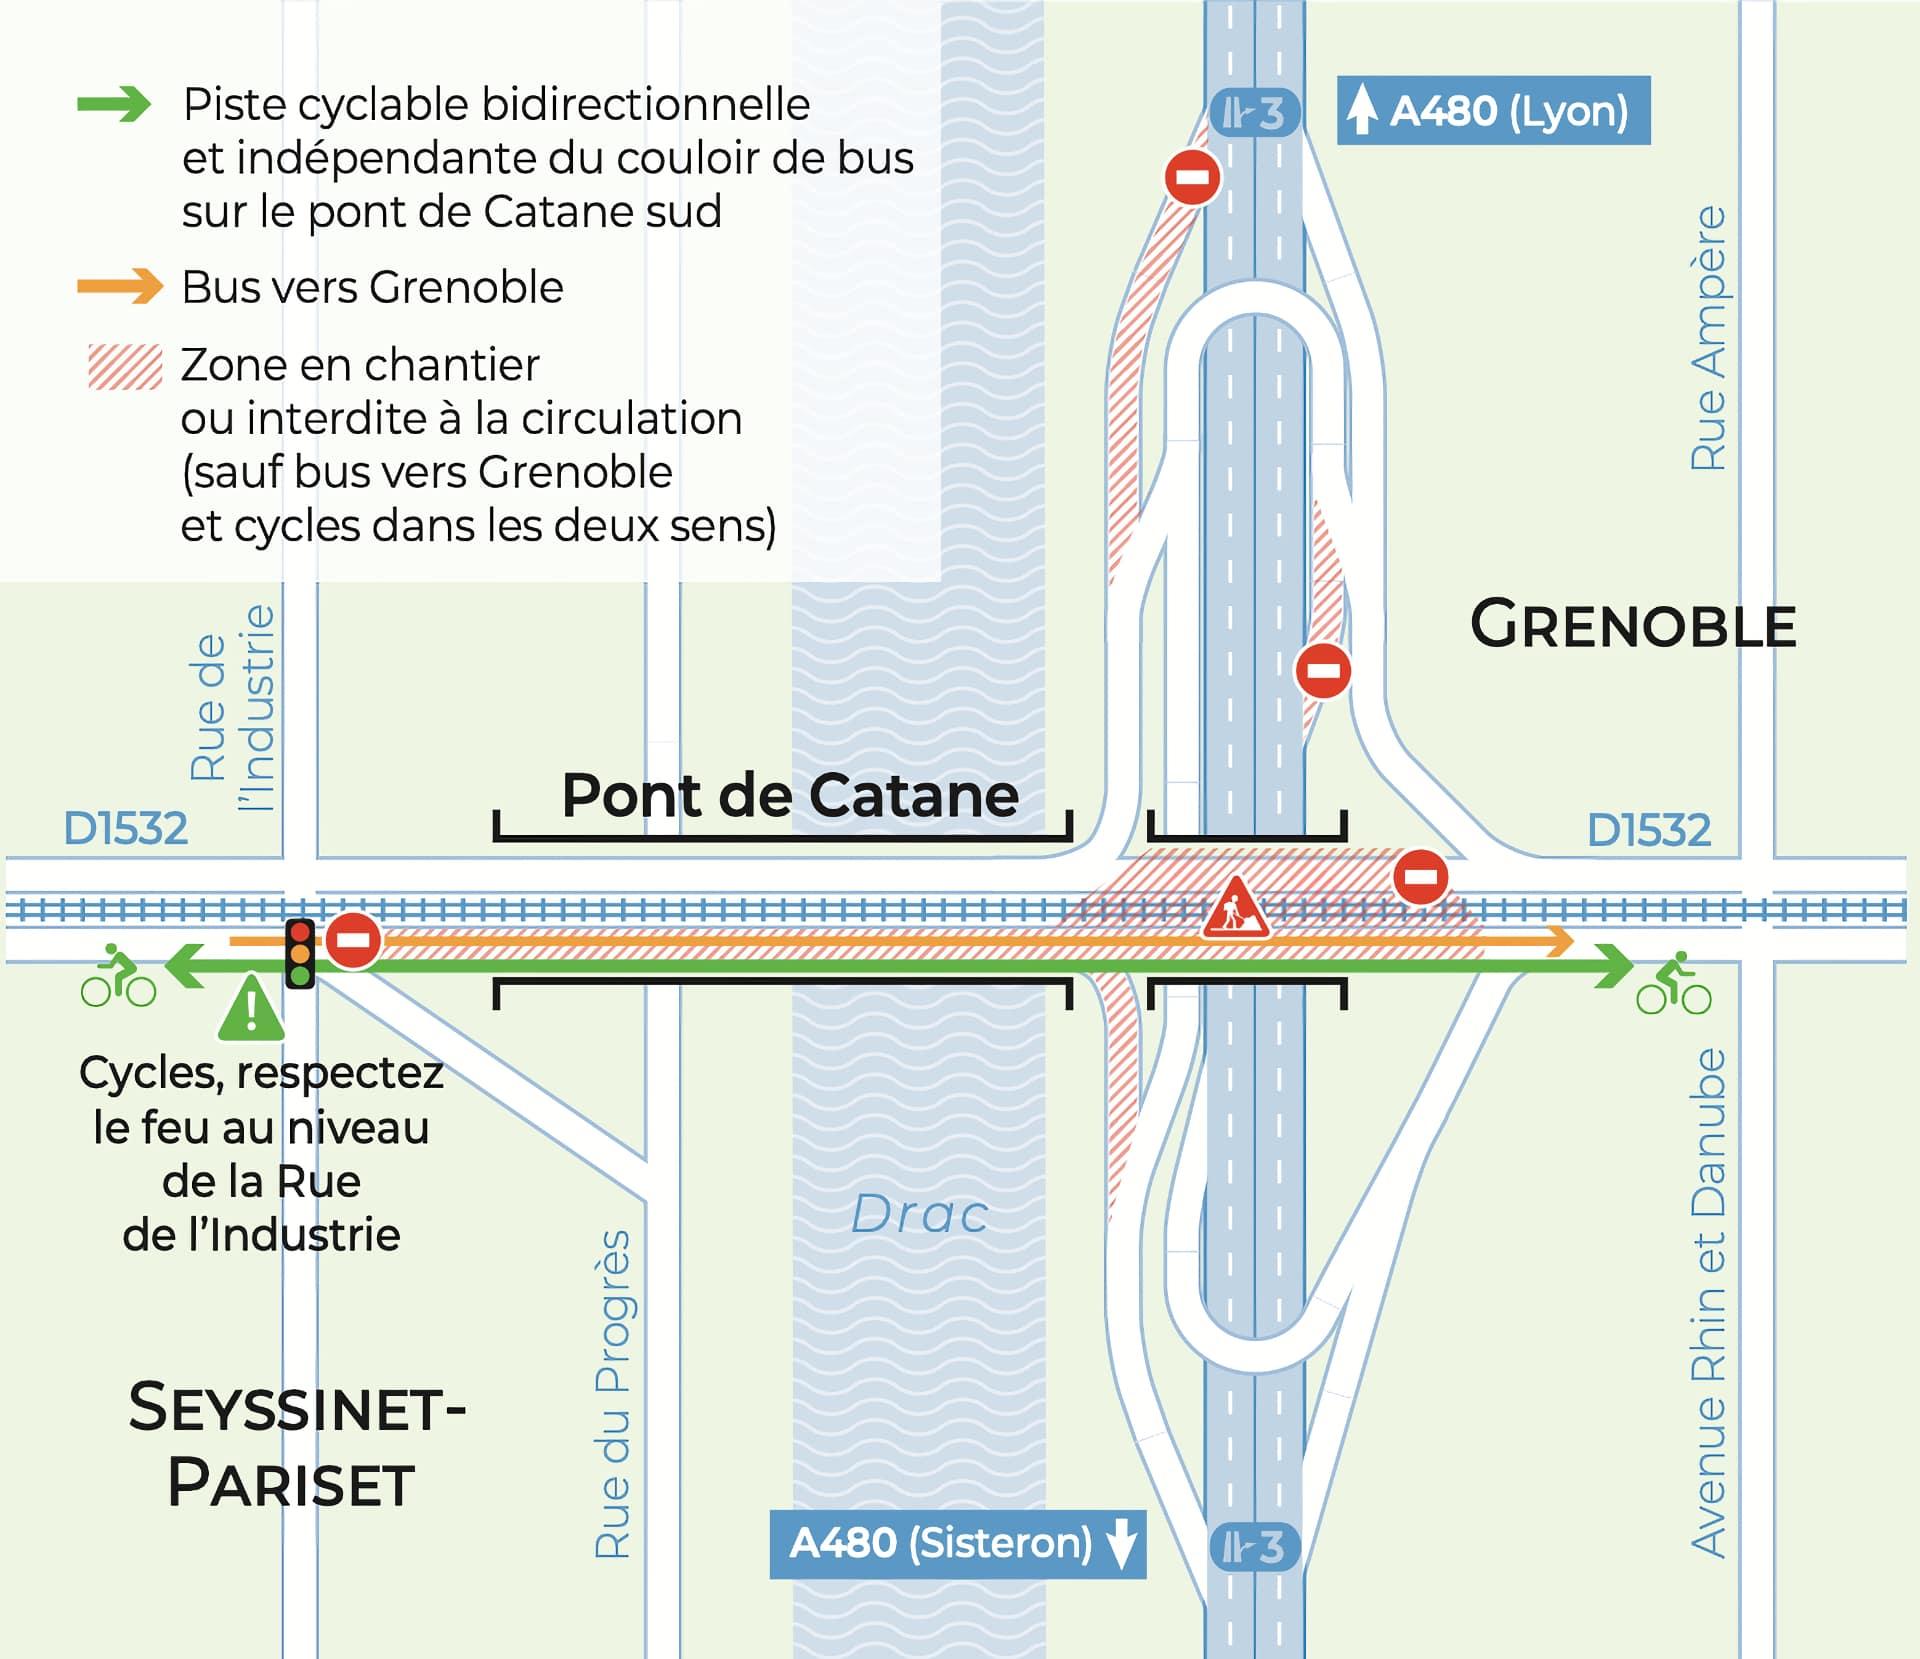 Plan de circulation à vélo sur le pont de Catane à Grenoble